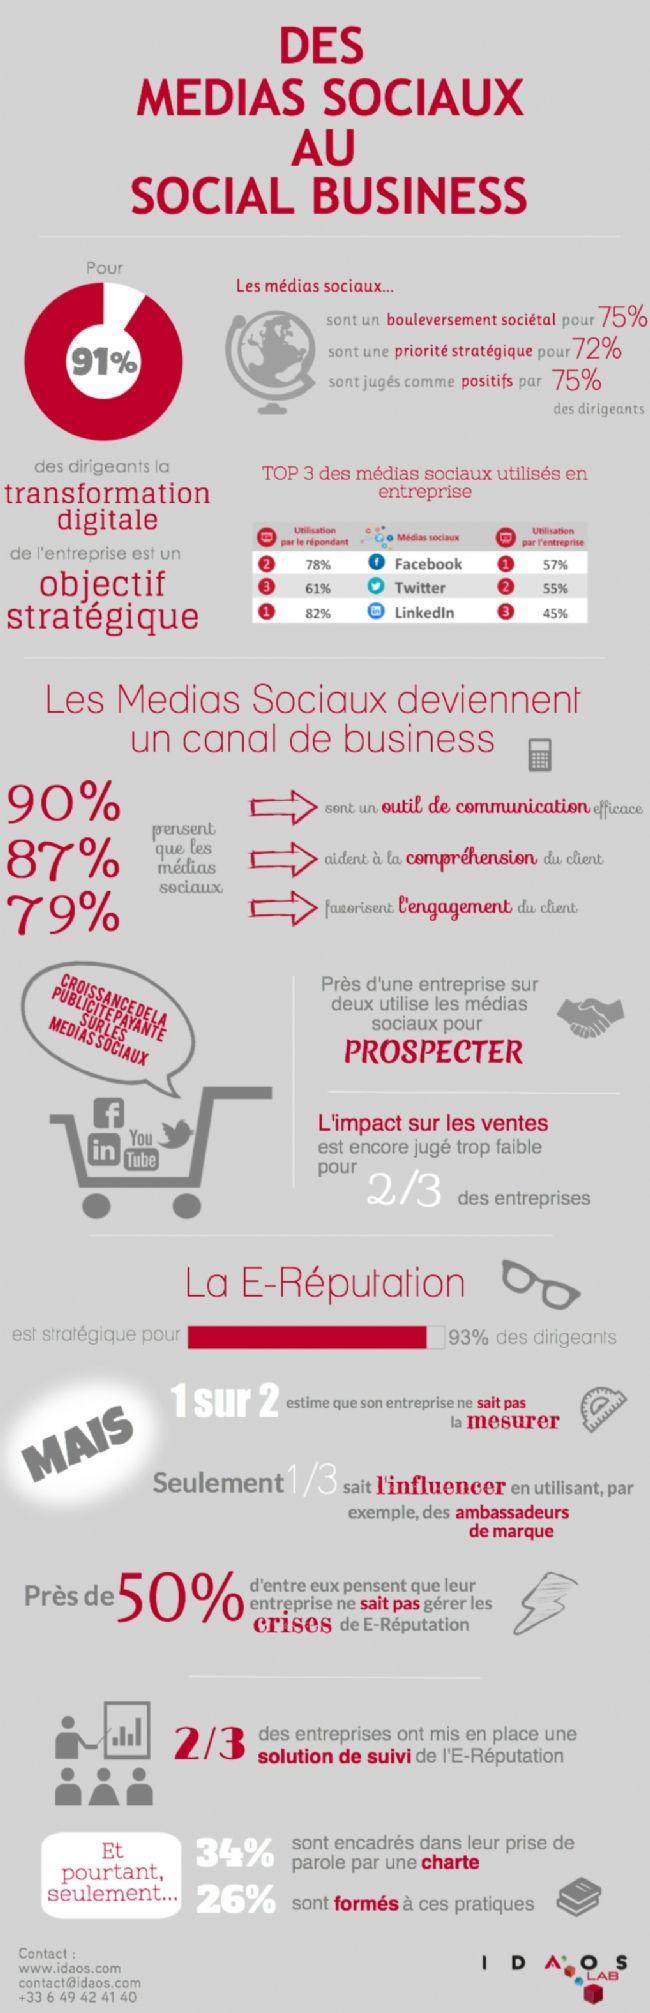 De nombreuses marques utilisent les médias sociaux pour prospecter. Pourtant, seulement un tiers des entreprises sait influer sur son e-réputation et 50% ignorent même comment la mesurer, selon le baromètre Entreprises et médias sociaux d'Idaos Lab.